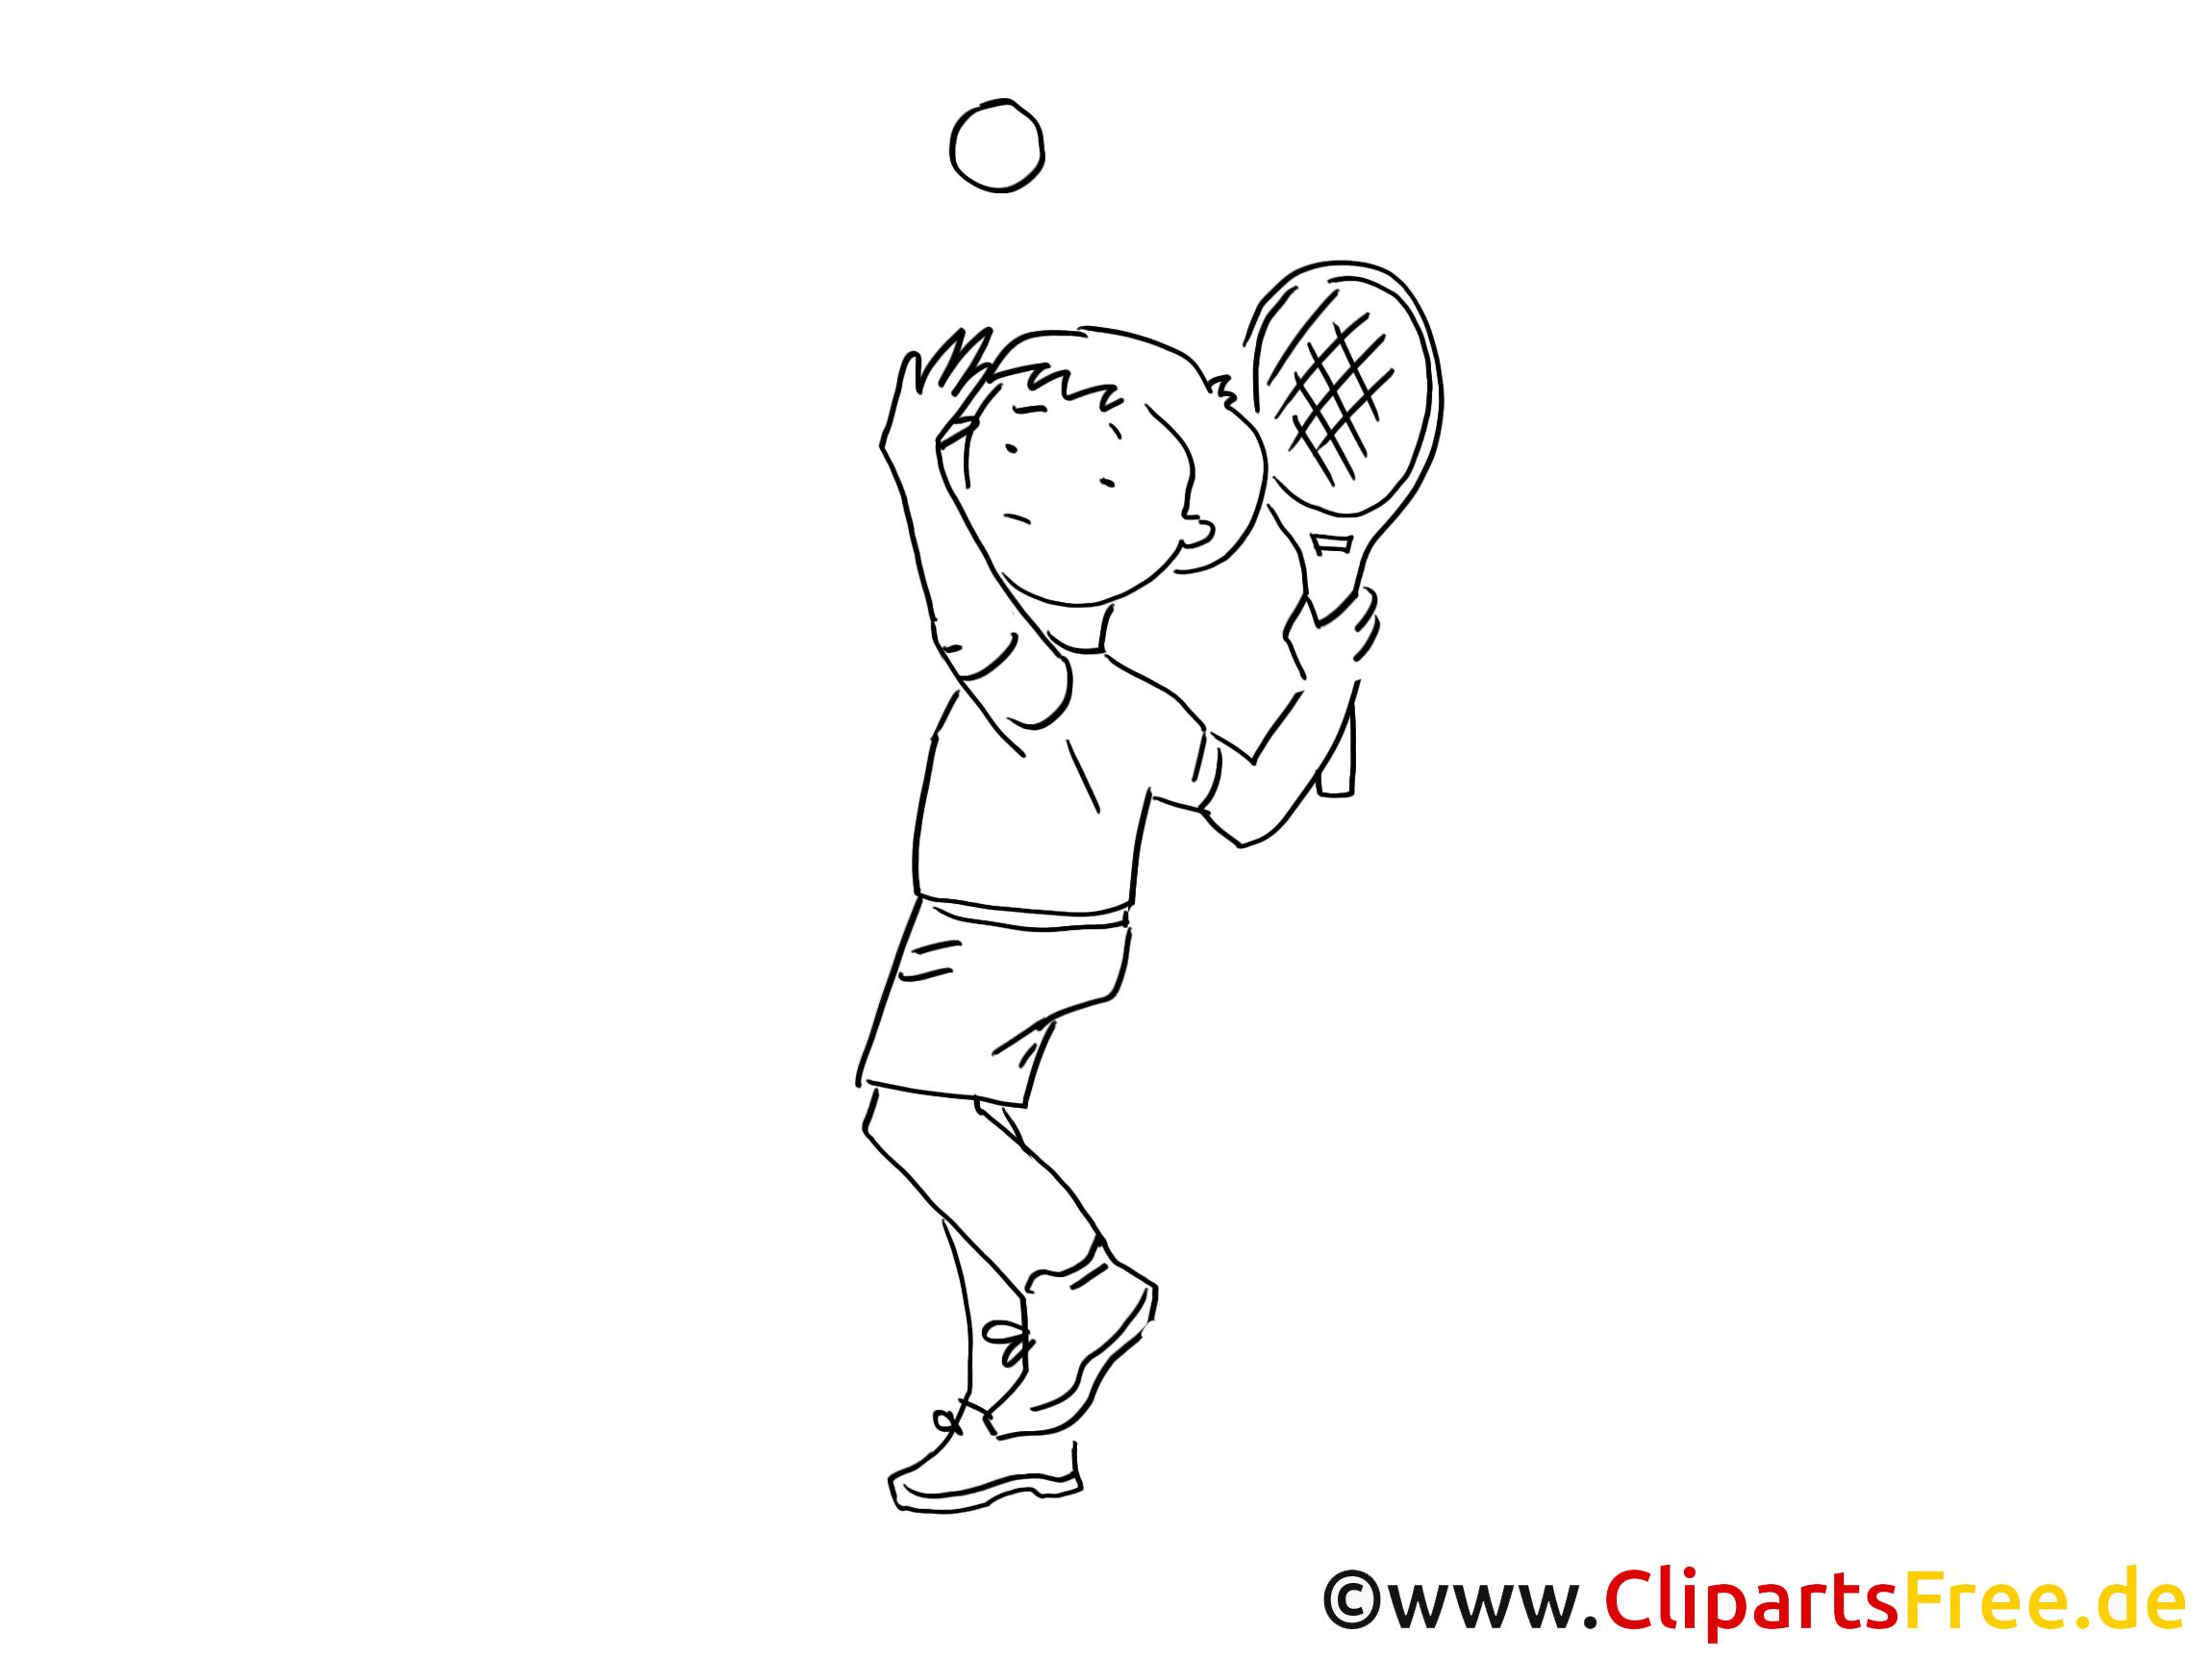 Tennis dessin – Coloriage sport à télécharger